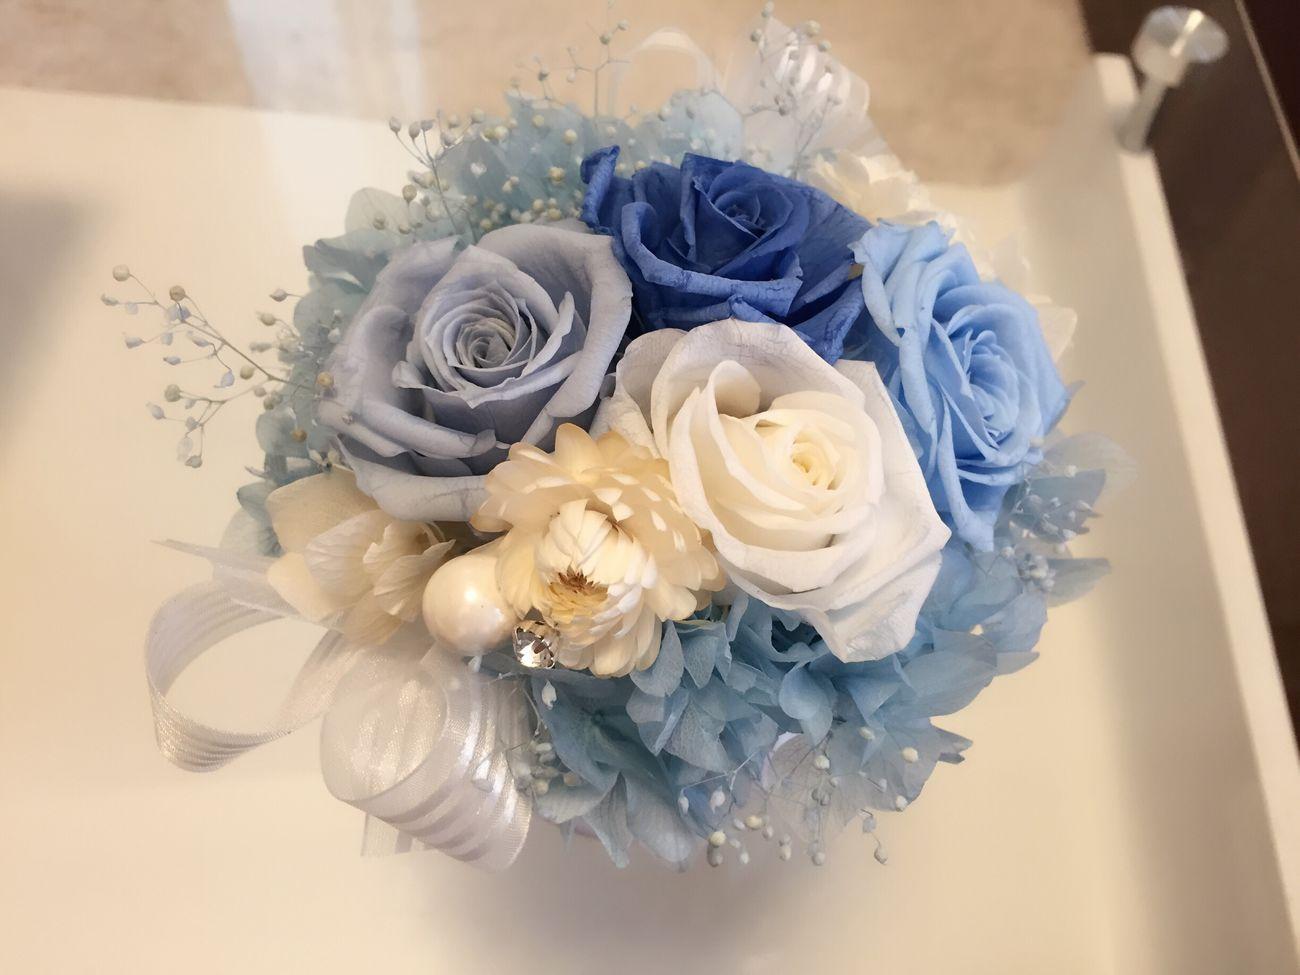 Flower Rose - Flower 趣味 Blue ブリザードフラワー 趣味